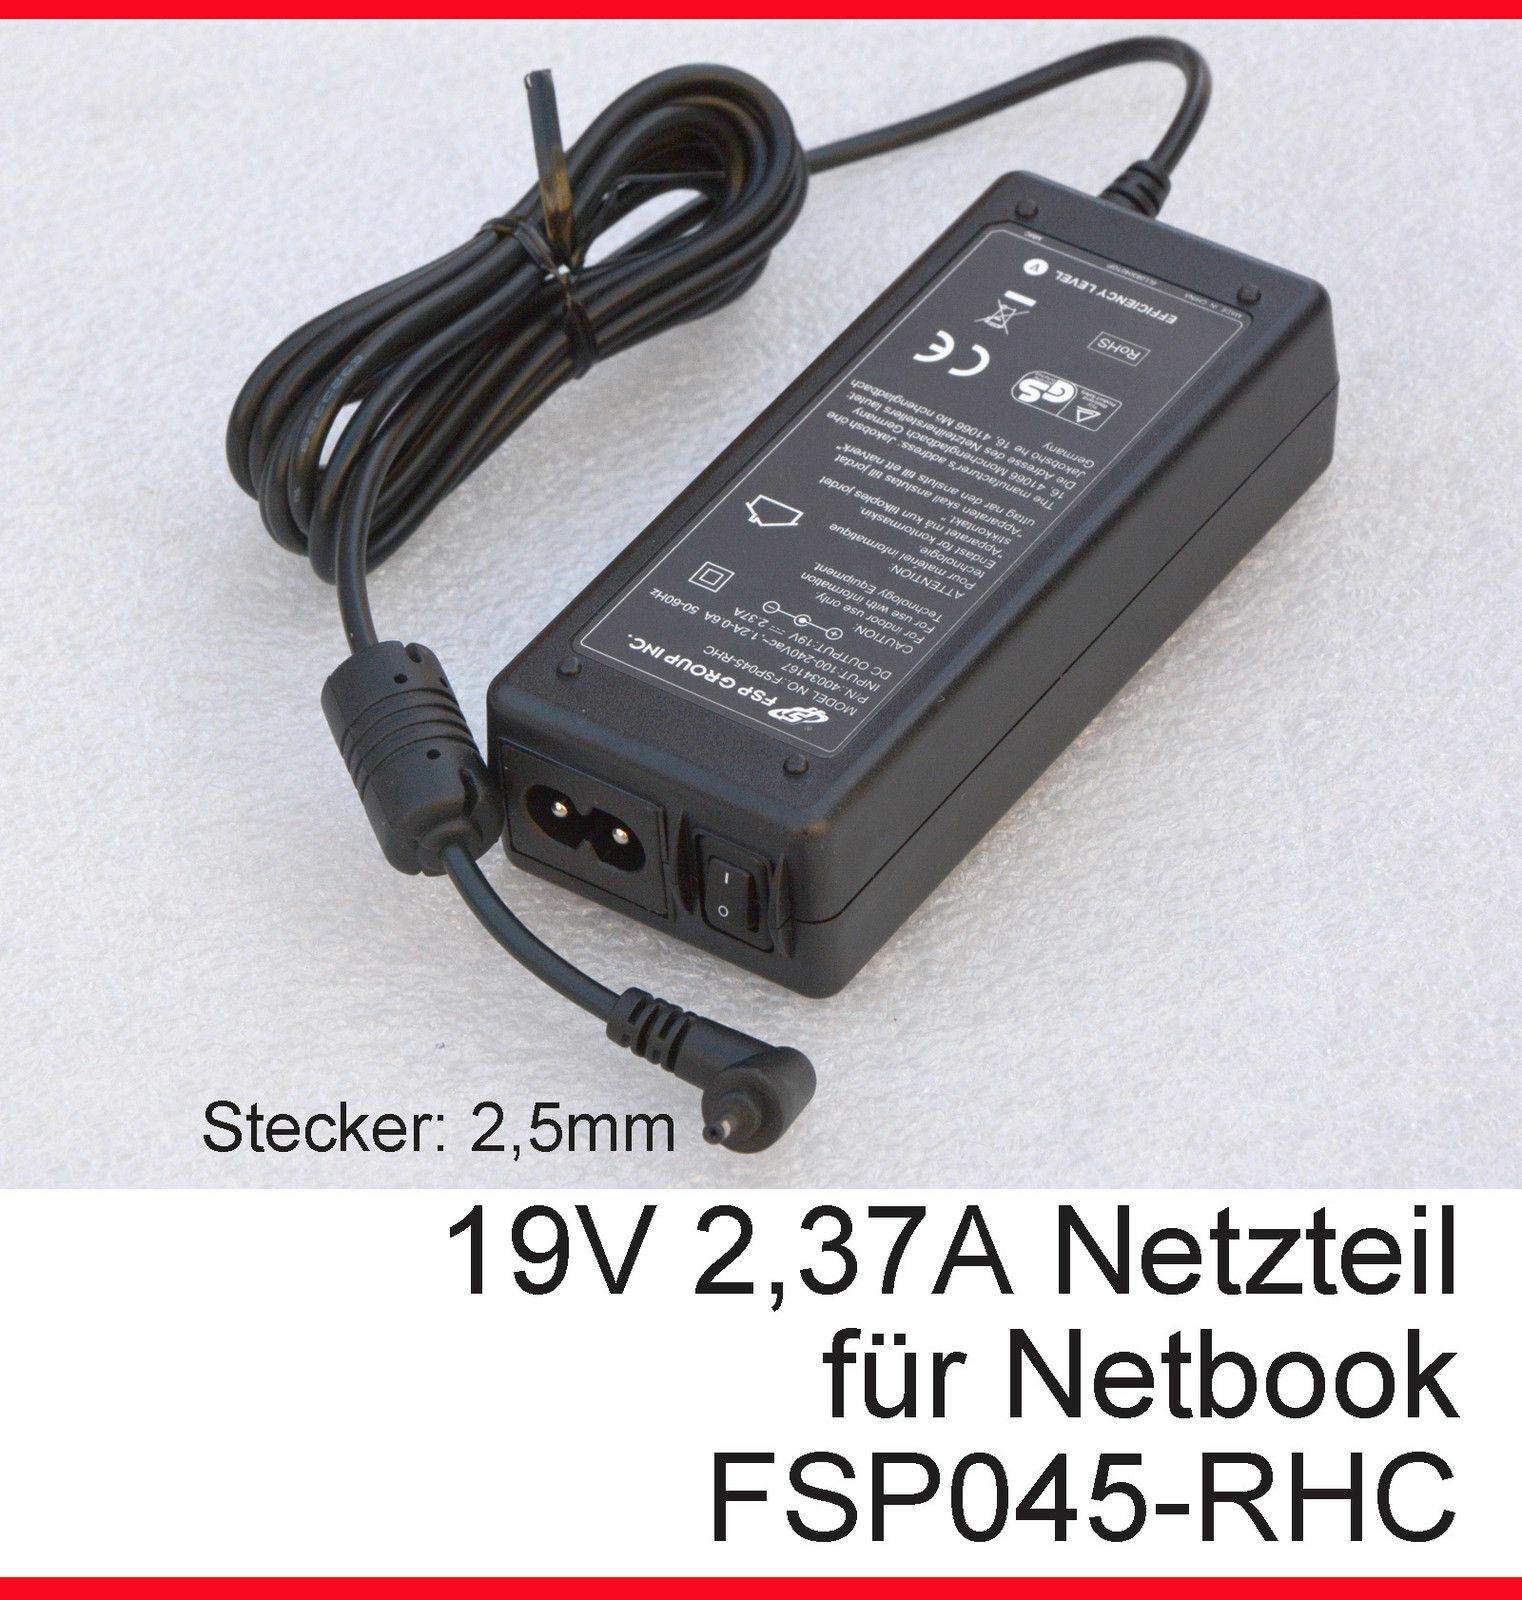 19V 2,37A Power Supply FSP FSP045-RHC 0 3/32in Plug Medion A